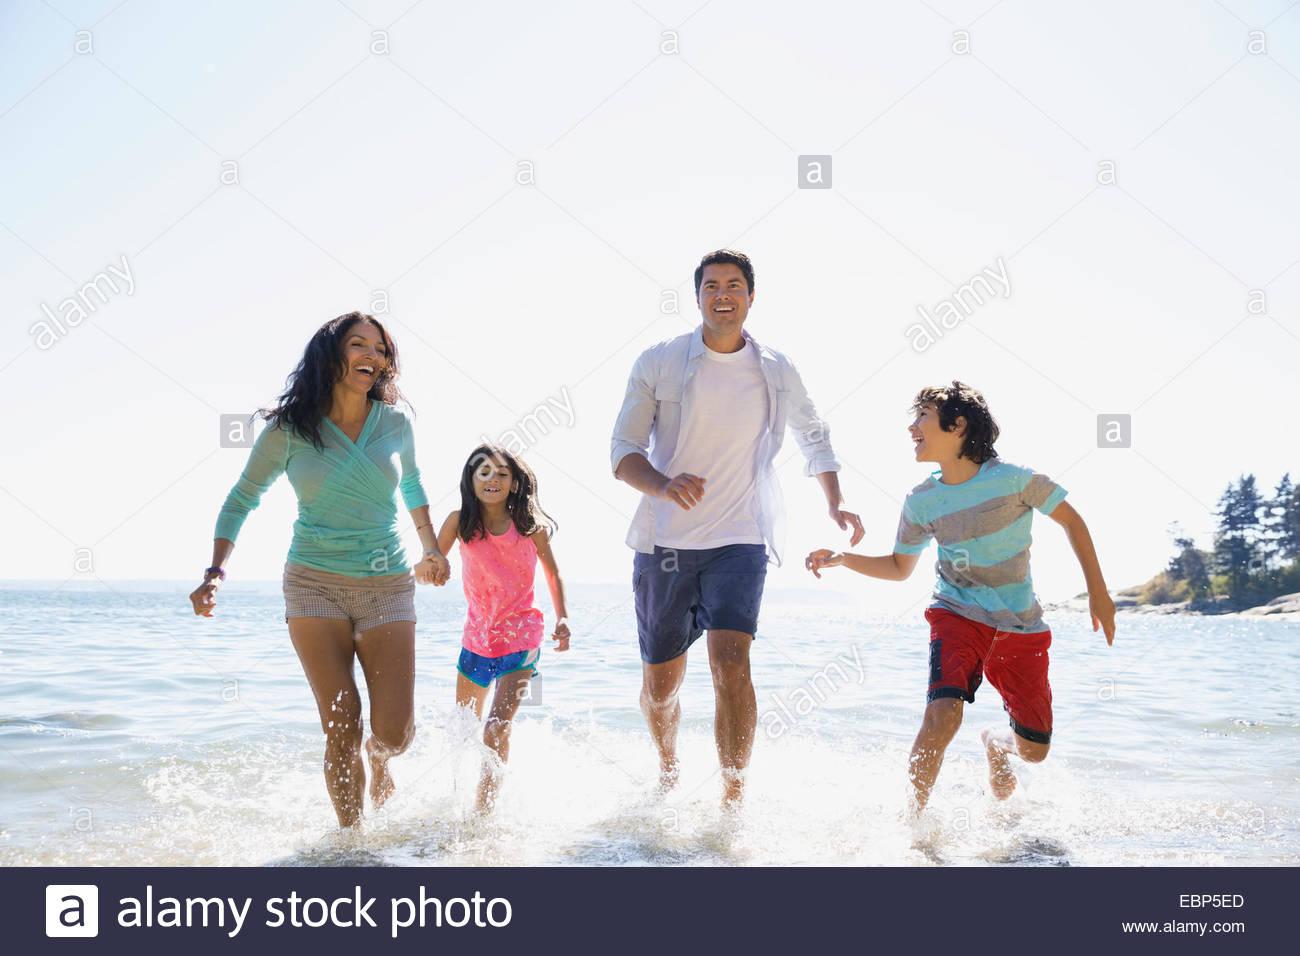 Familia bañándose en el océano Imagen De Stock